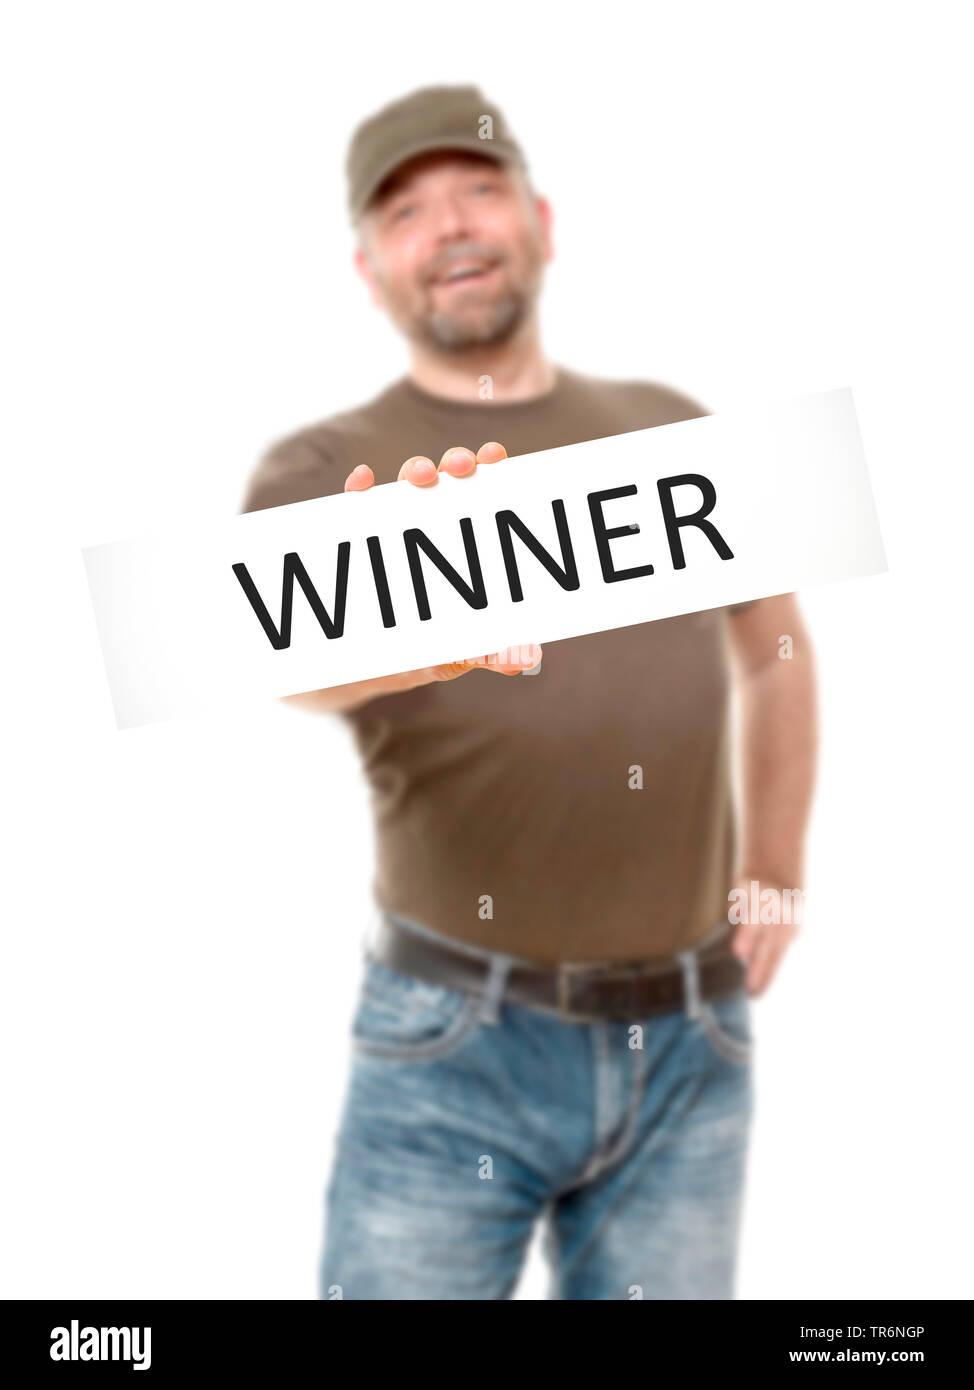 Mann haelt ein Schild in der Hand mit der Aufschrift Winner, Sieger, Deutschland | man with a sign in the hands with the inscription winner, Germany | - Stock Image